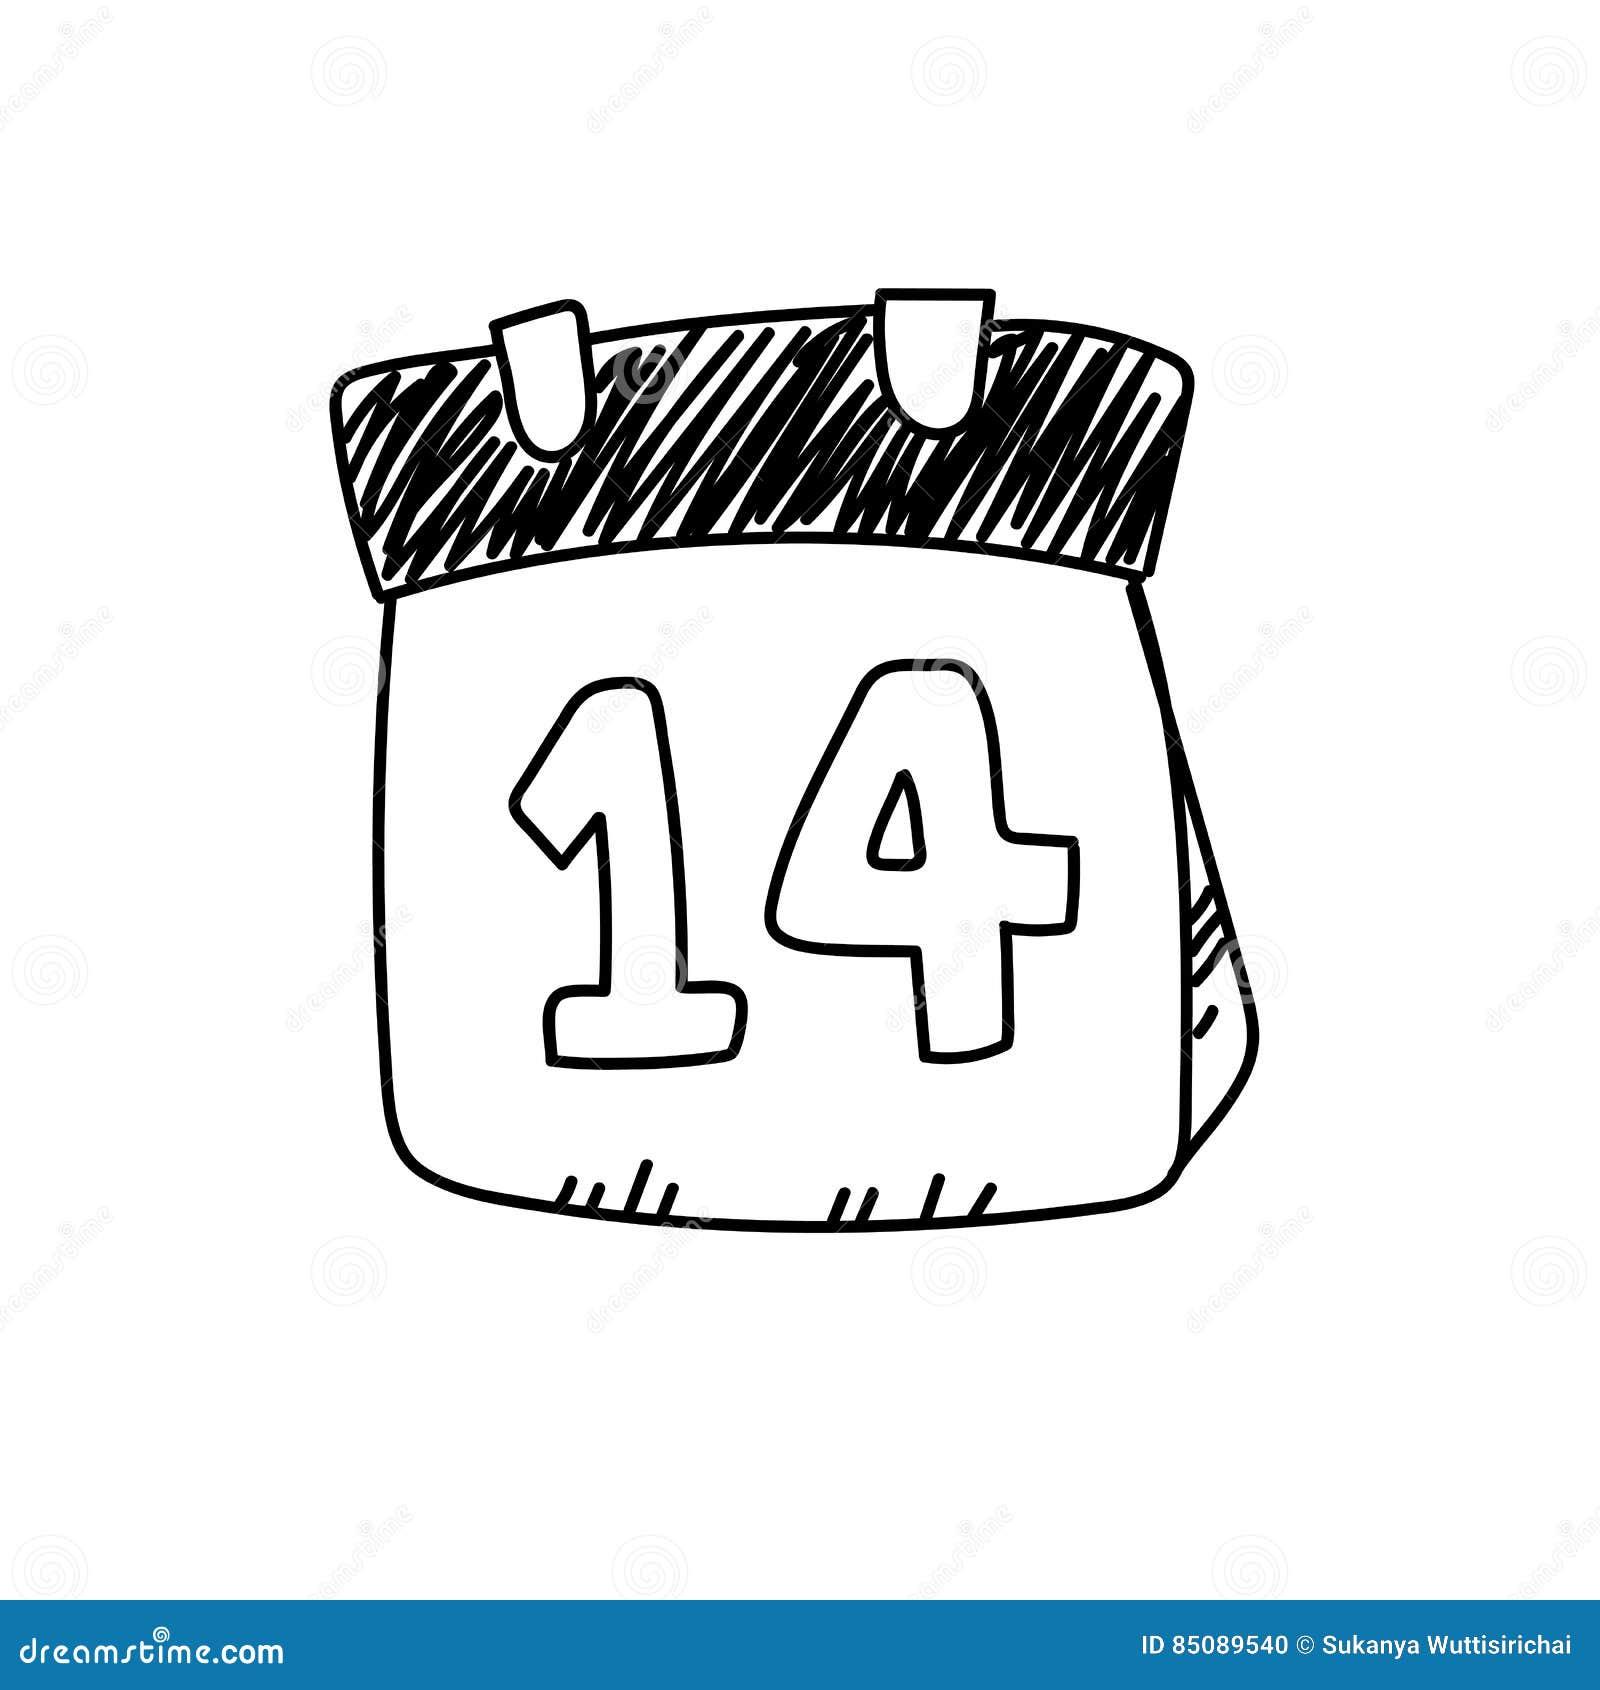 Dibujo A Pulso Ejemplo Del 14 De Febrero Stock De Ilustración